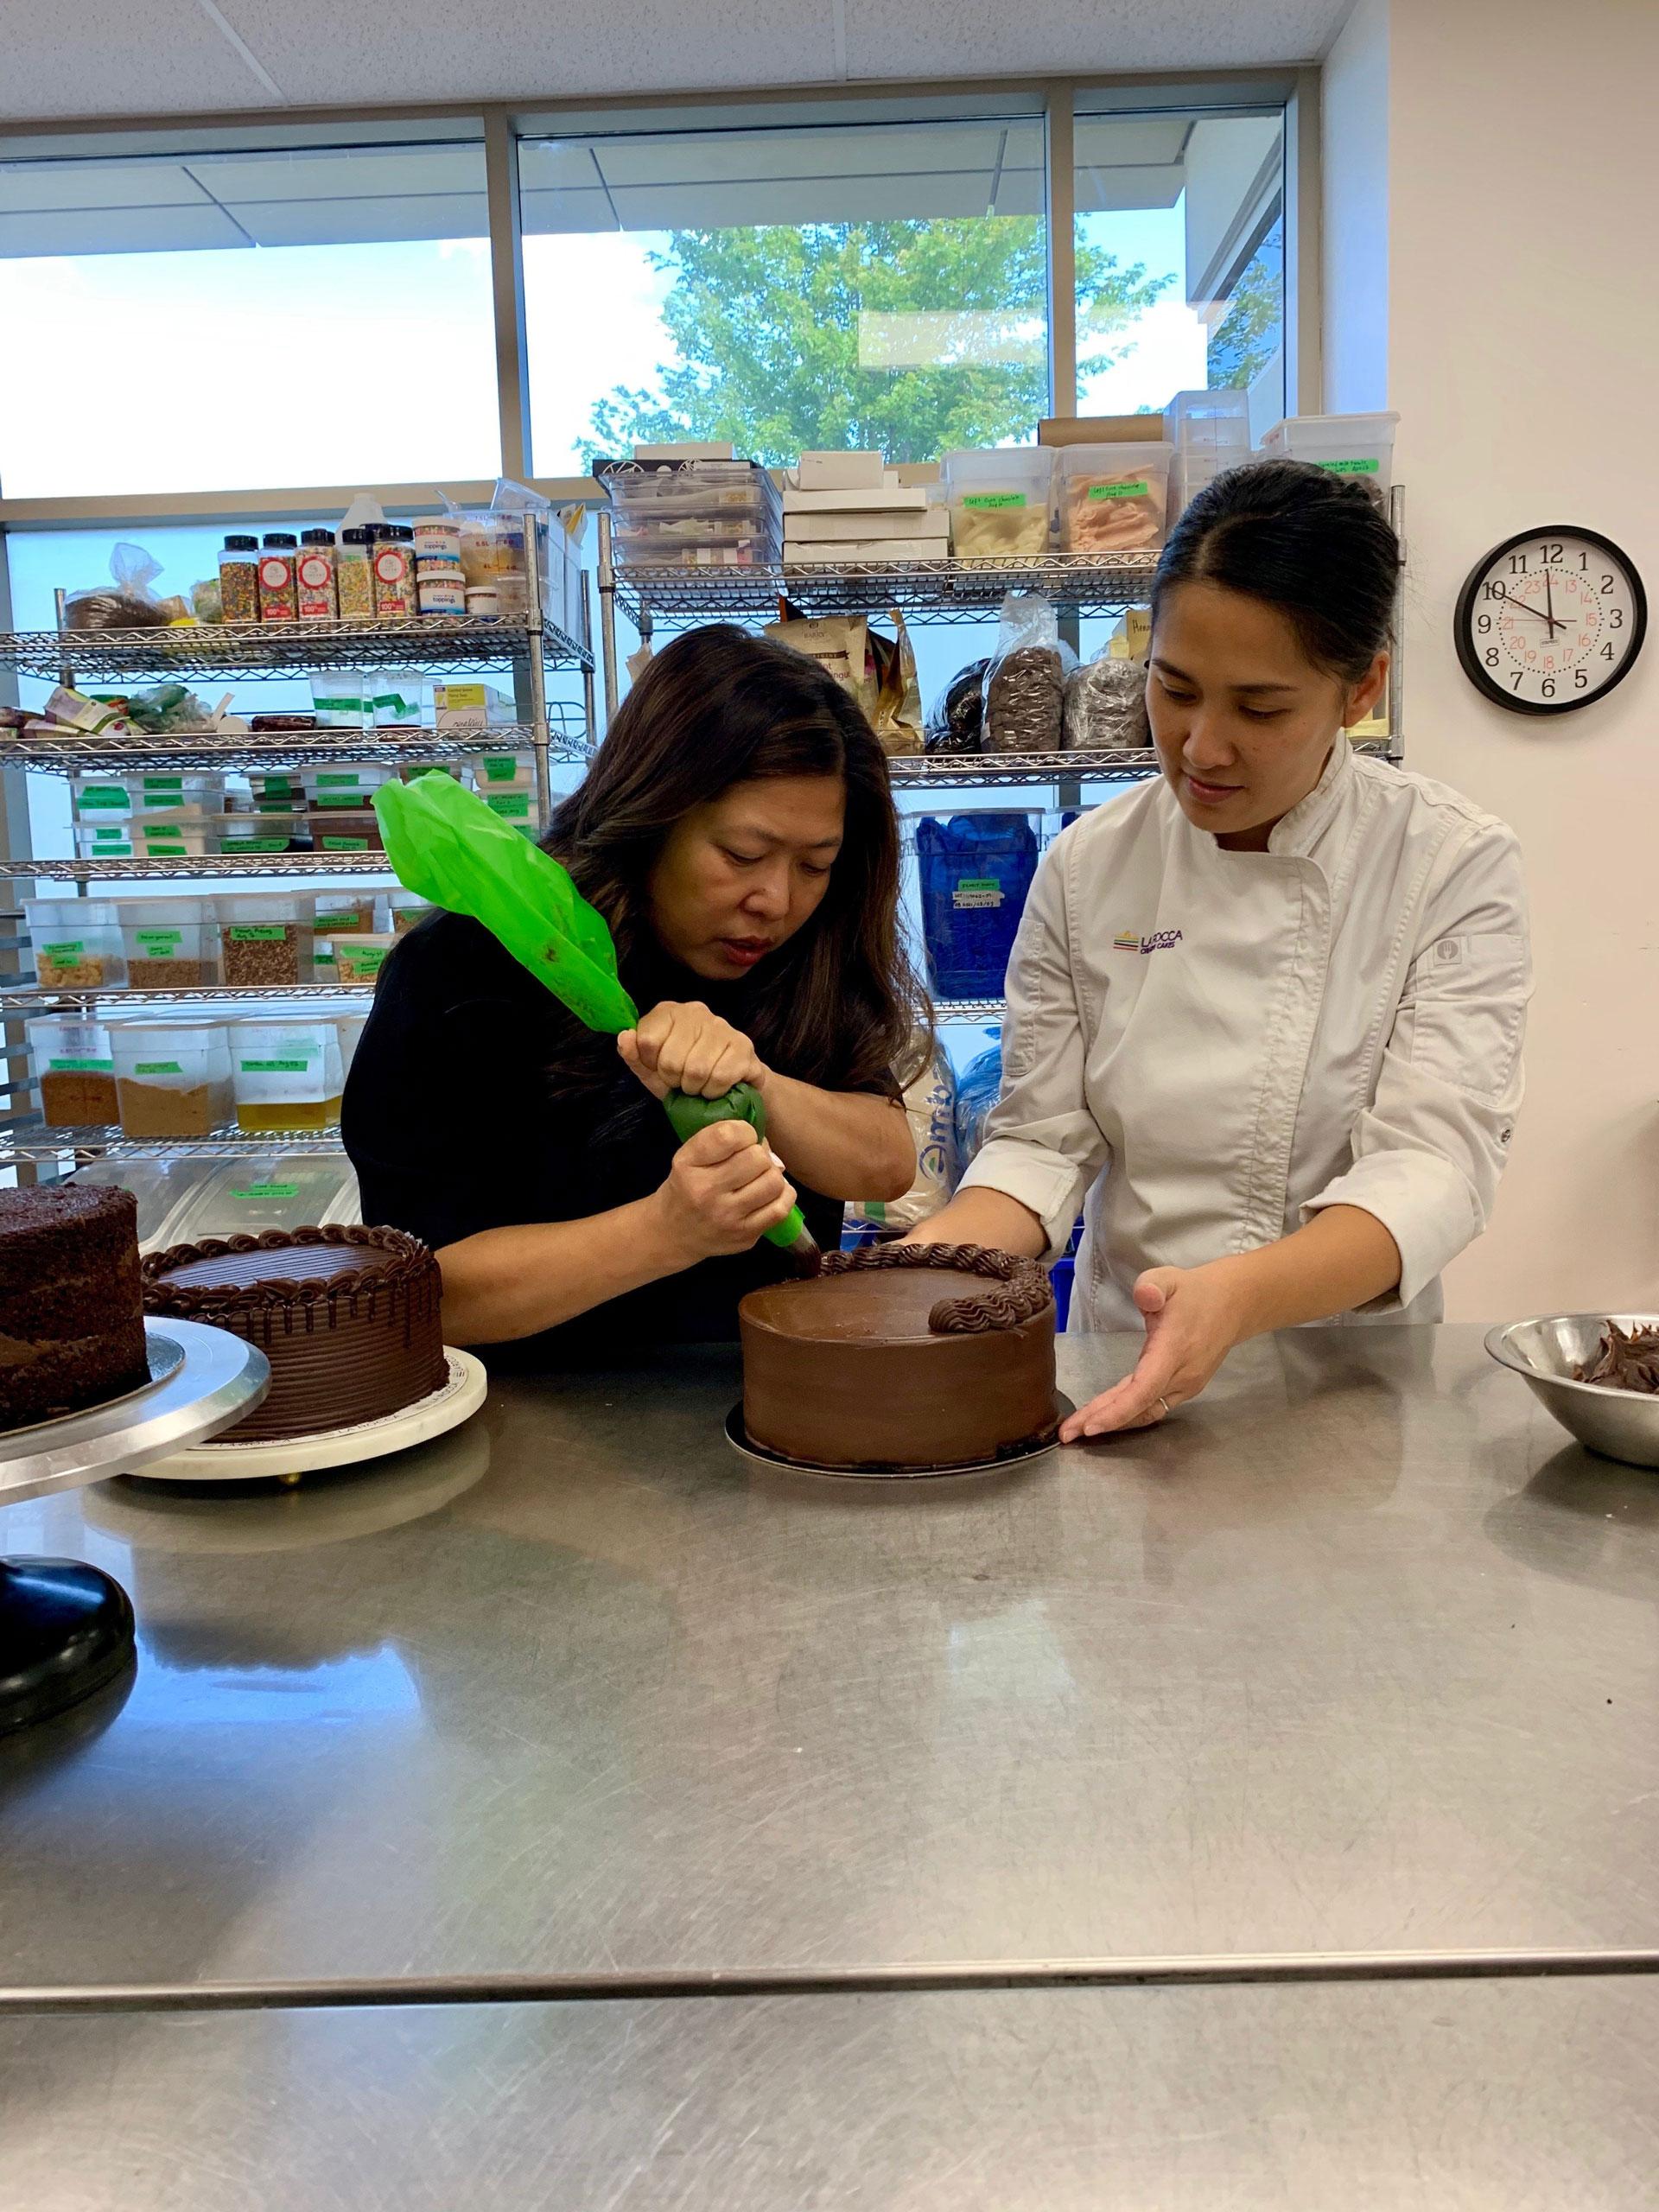 La Rocca Cake making